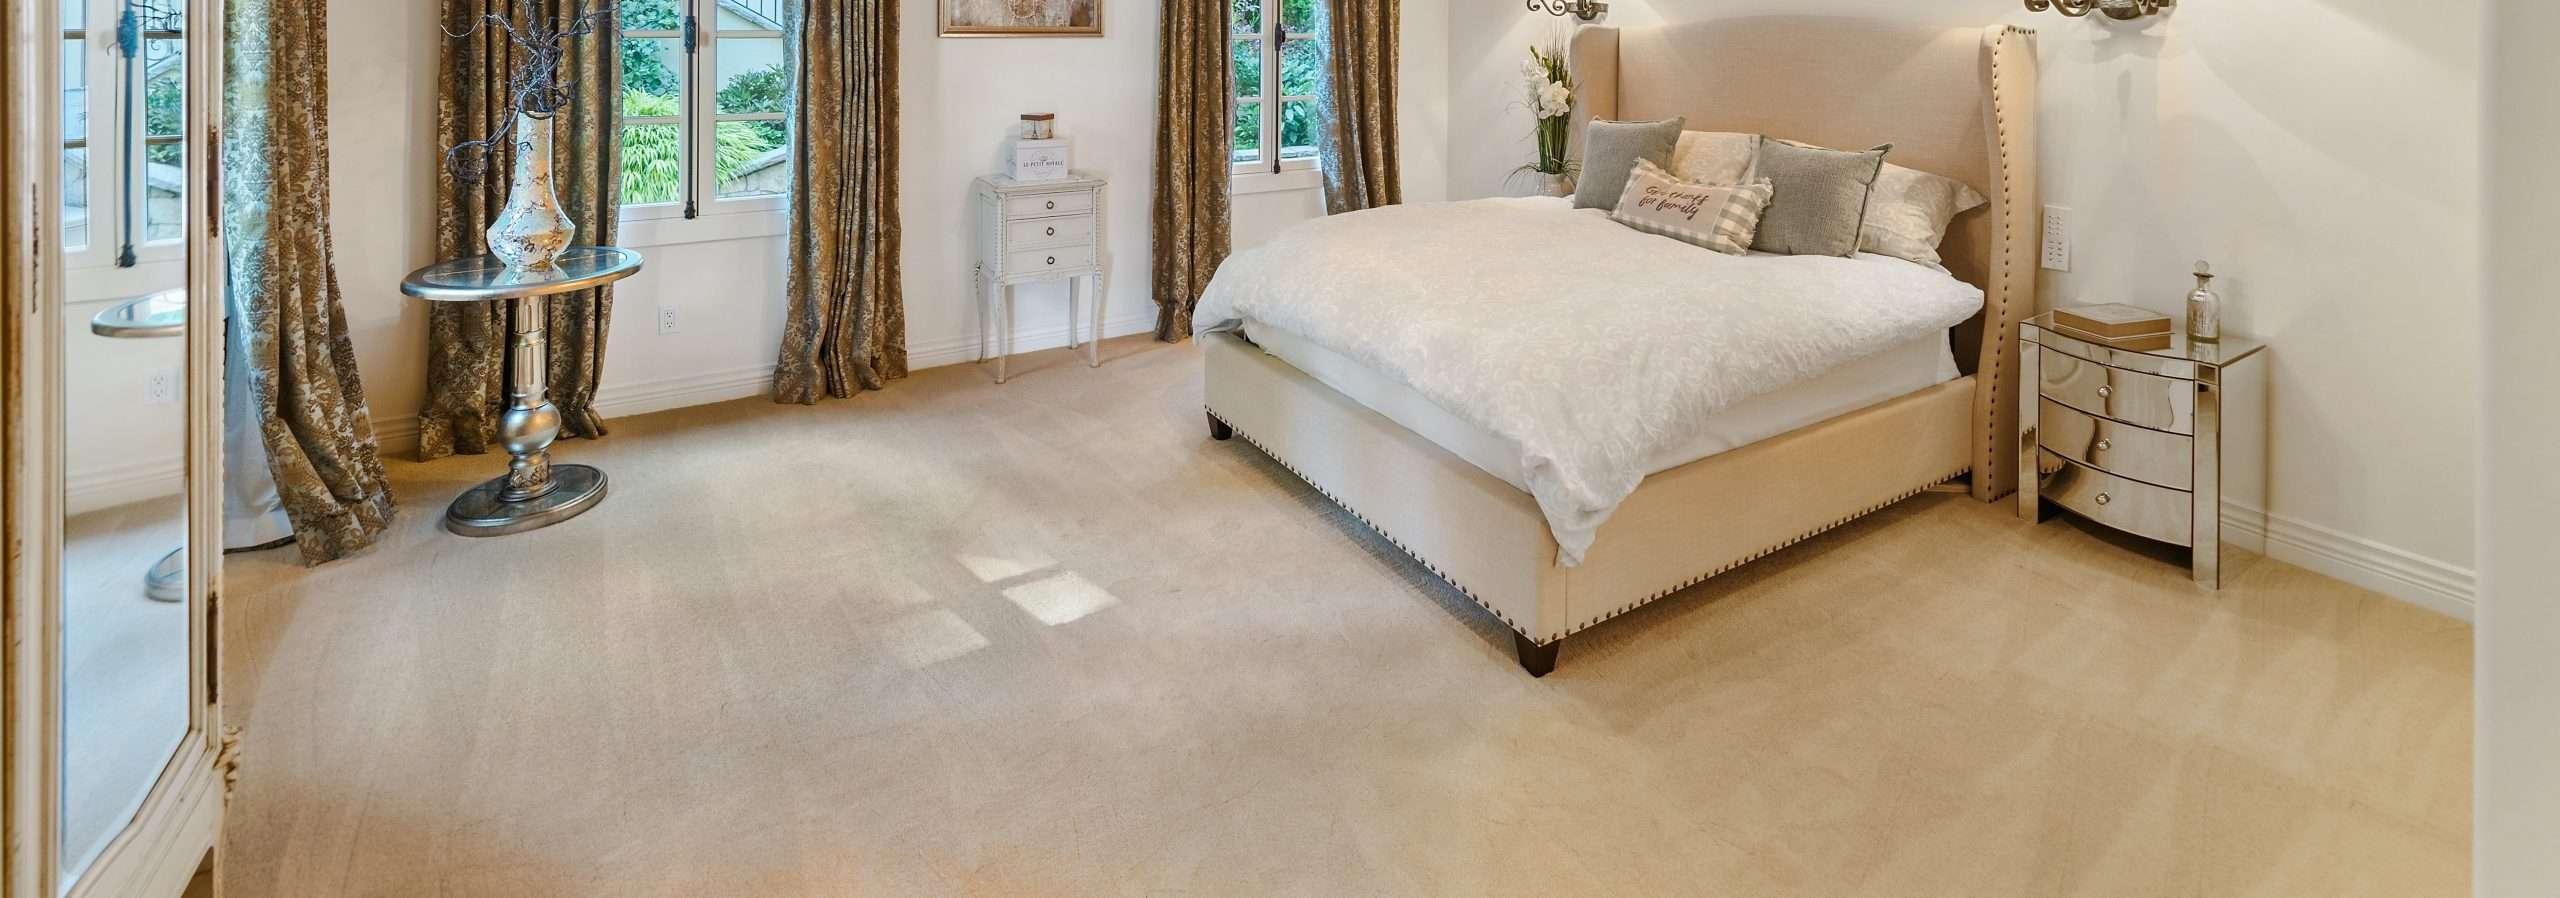 carpet flooring in master bedroom